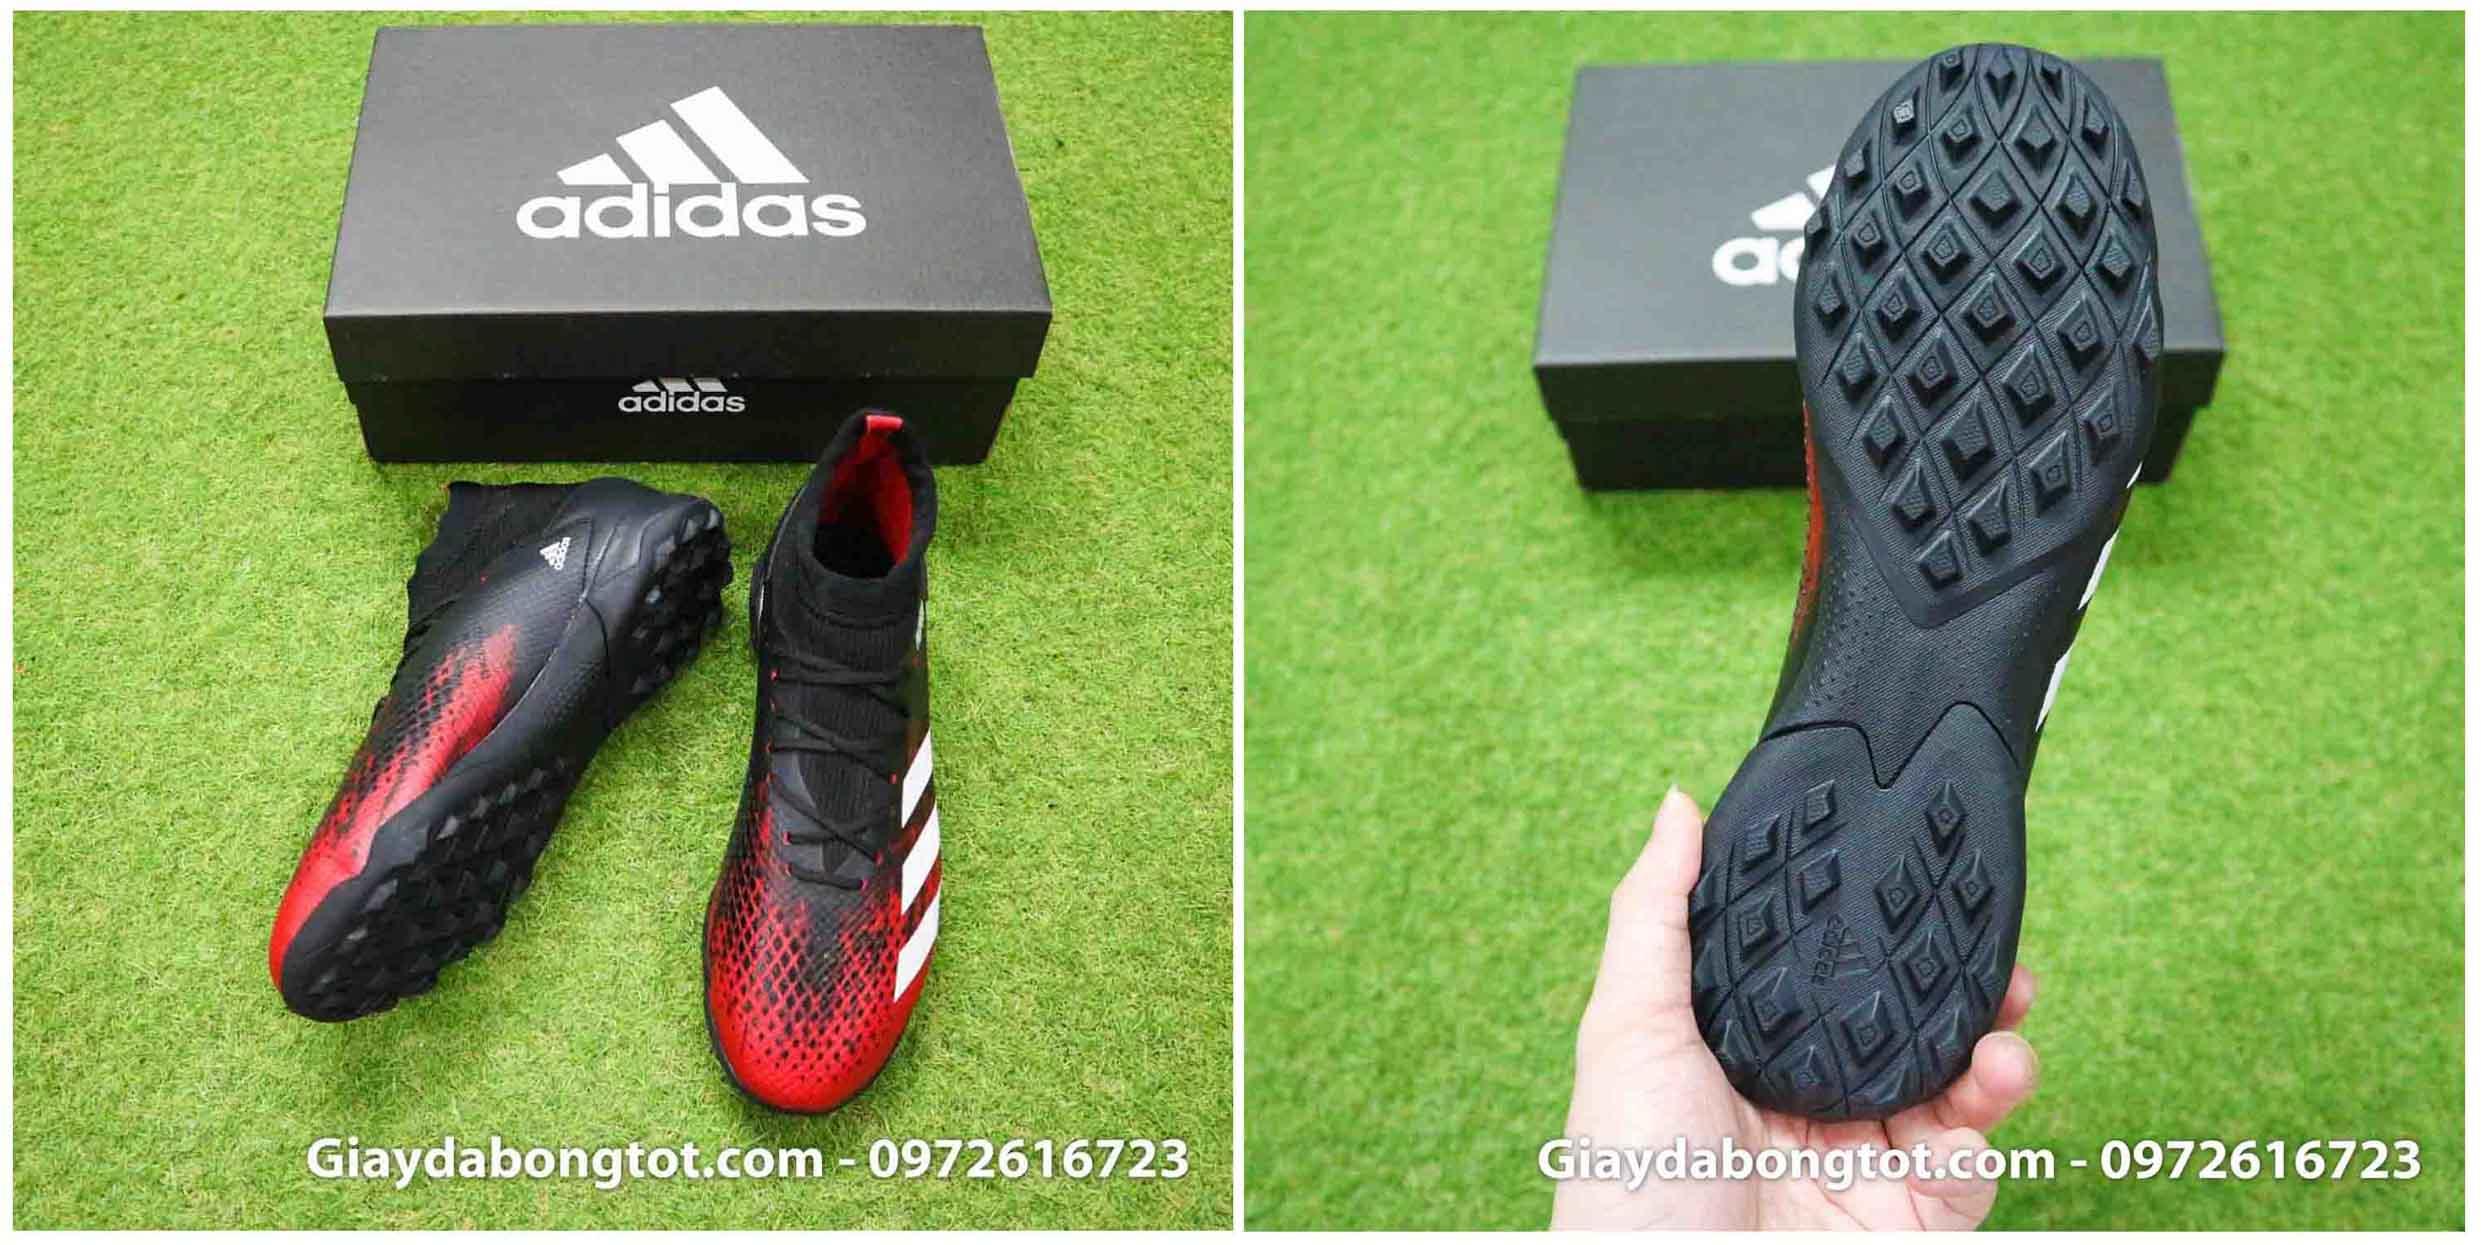 Giày đá banh sân cỏ nhân tạo Adidas cổ cao cũng rất đẹp mắt